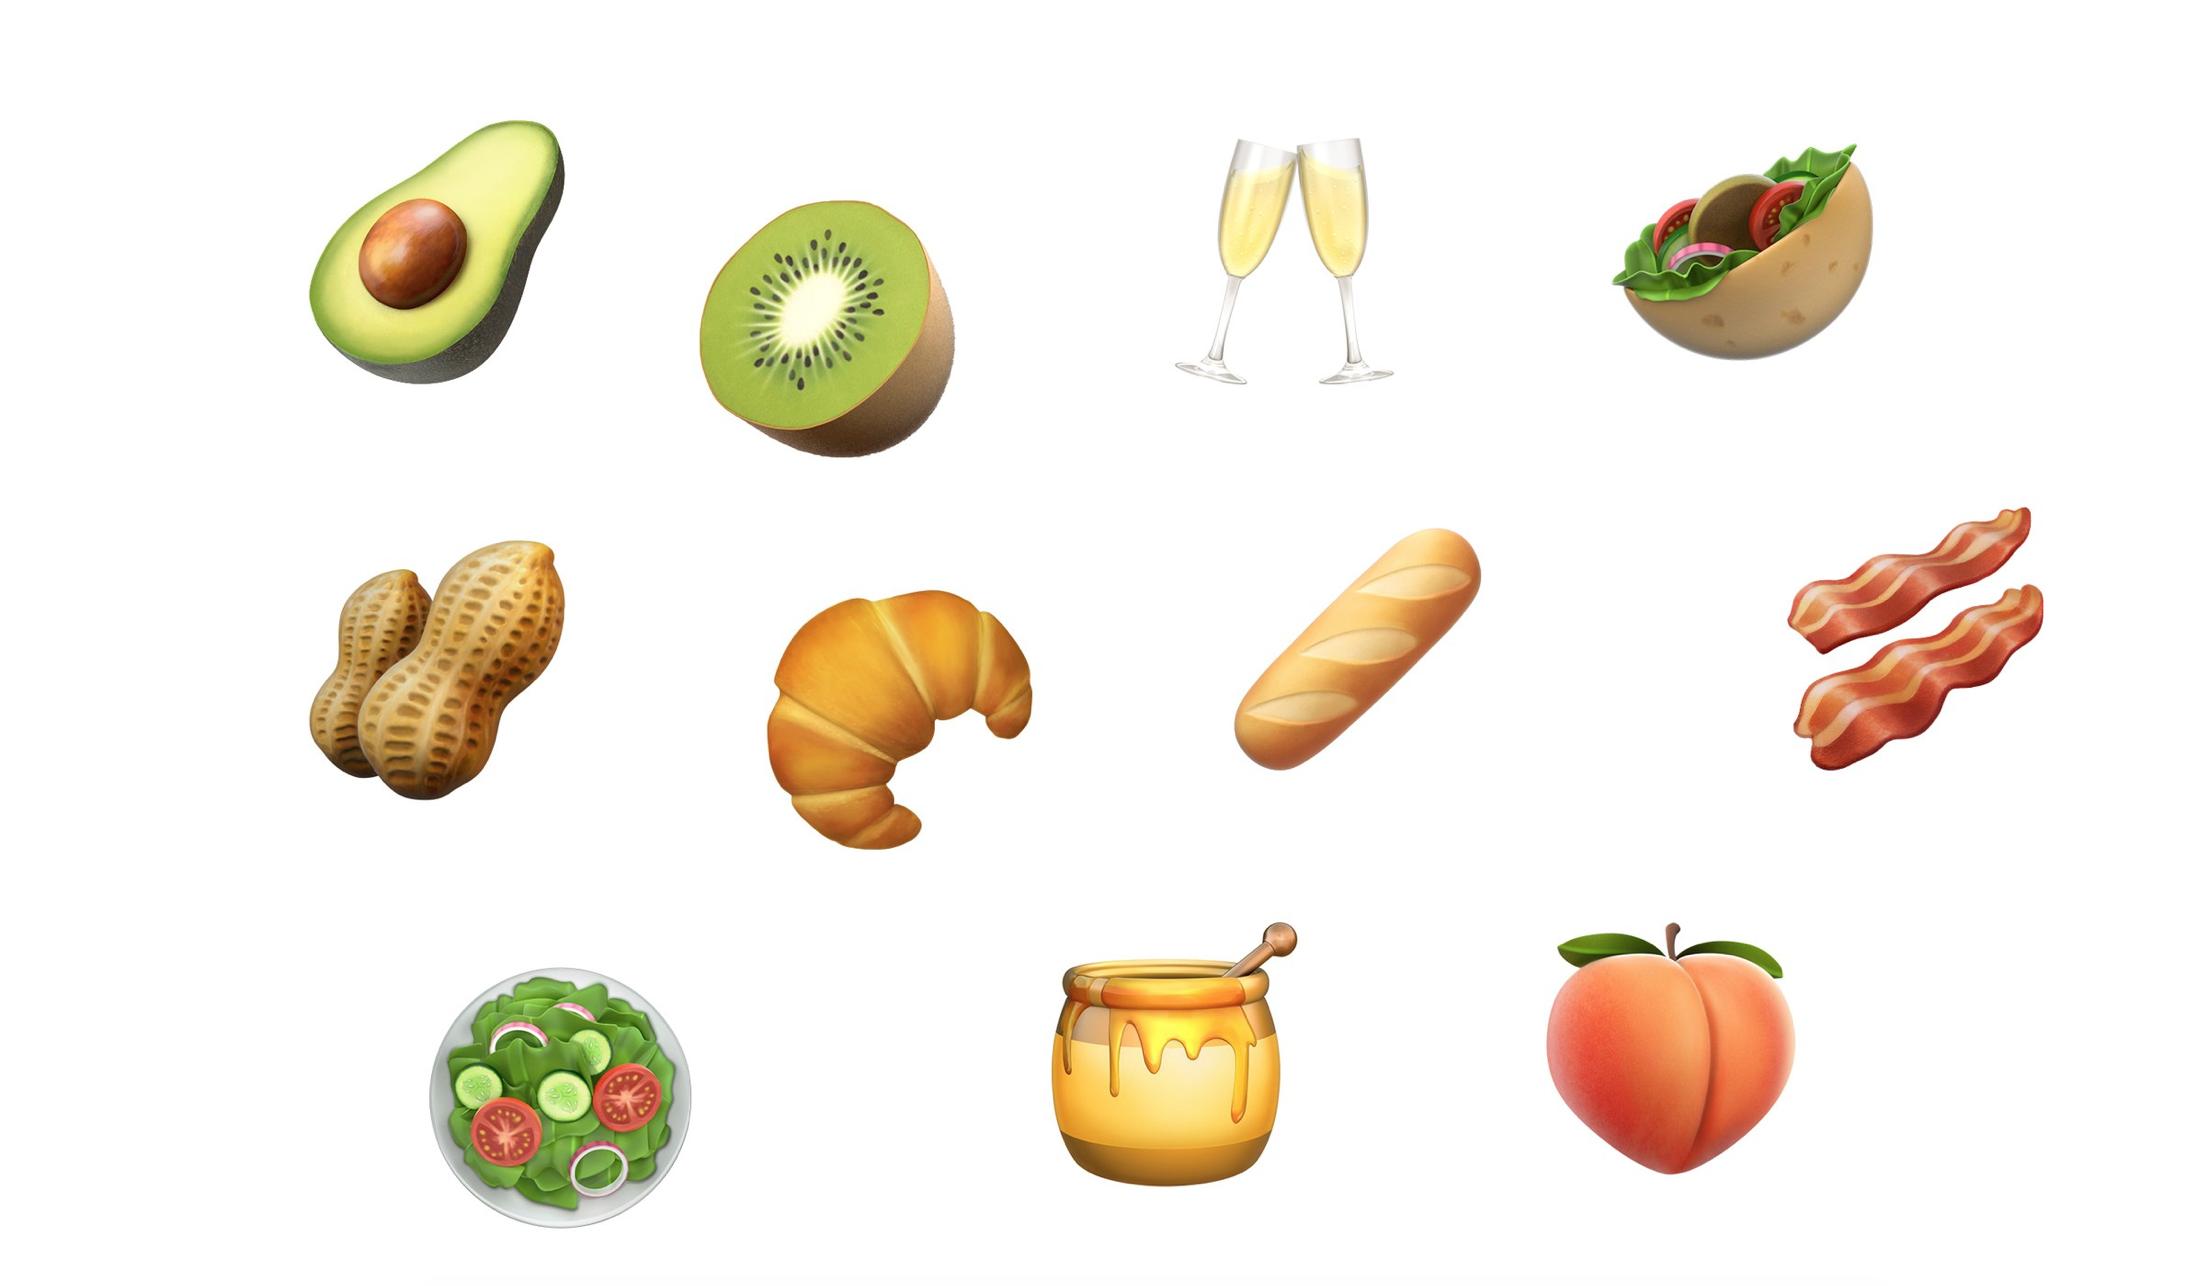 Apple ajoute de nouveaux emojis : Avocat, Bacon, Baguette, Croissant…